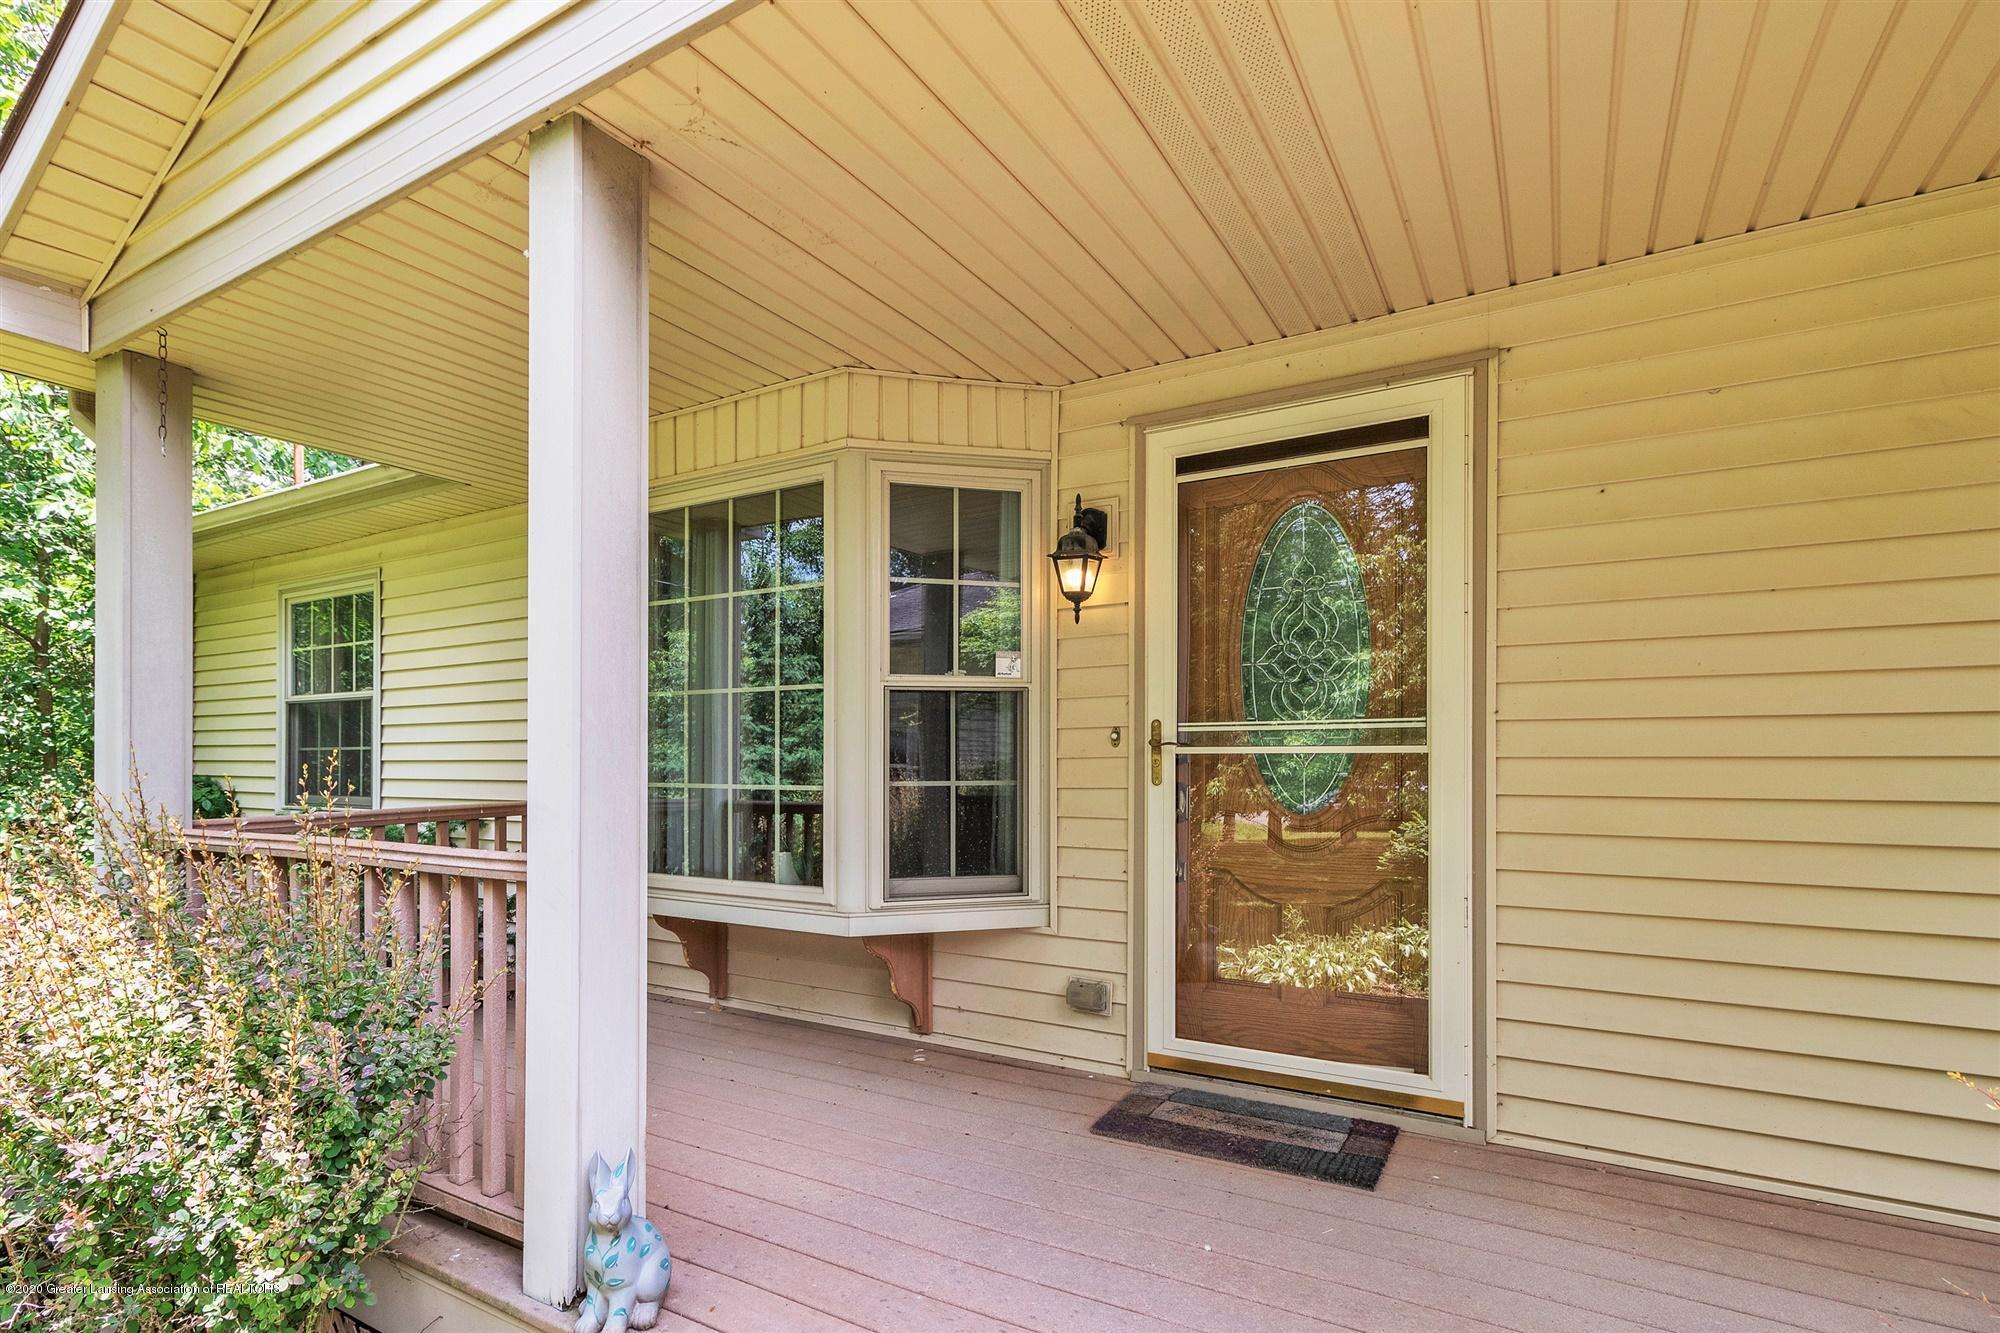 10494 Nixon Rd - 05-10494 Nixon Rd-windowstill-reale - 3